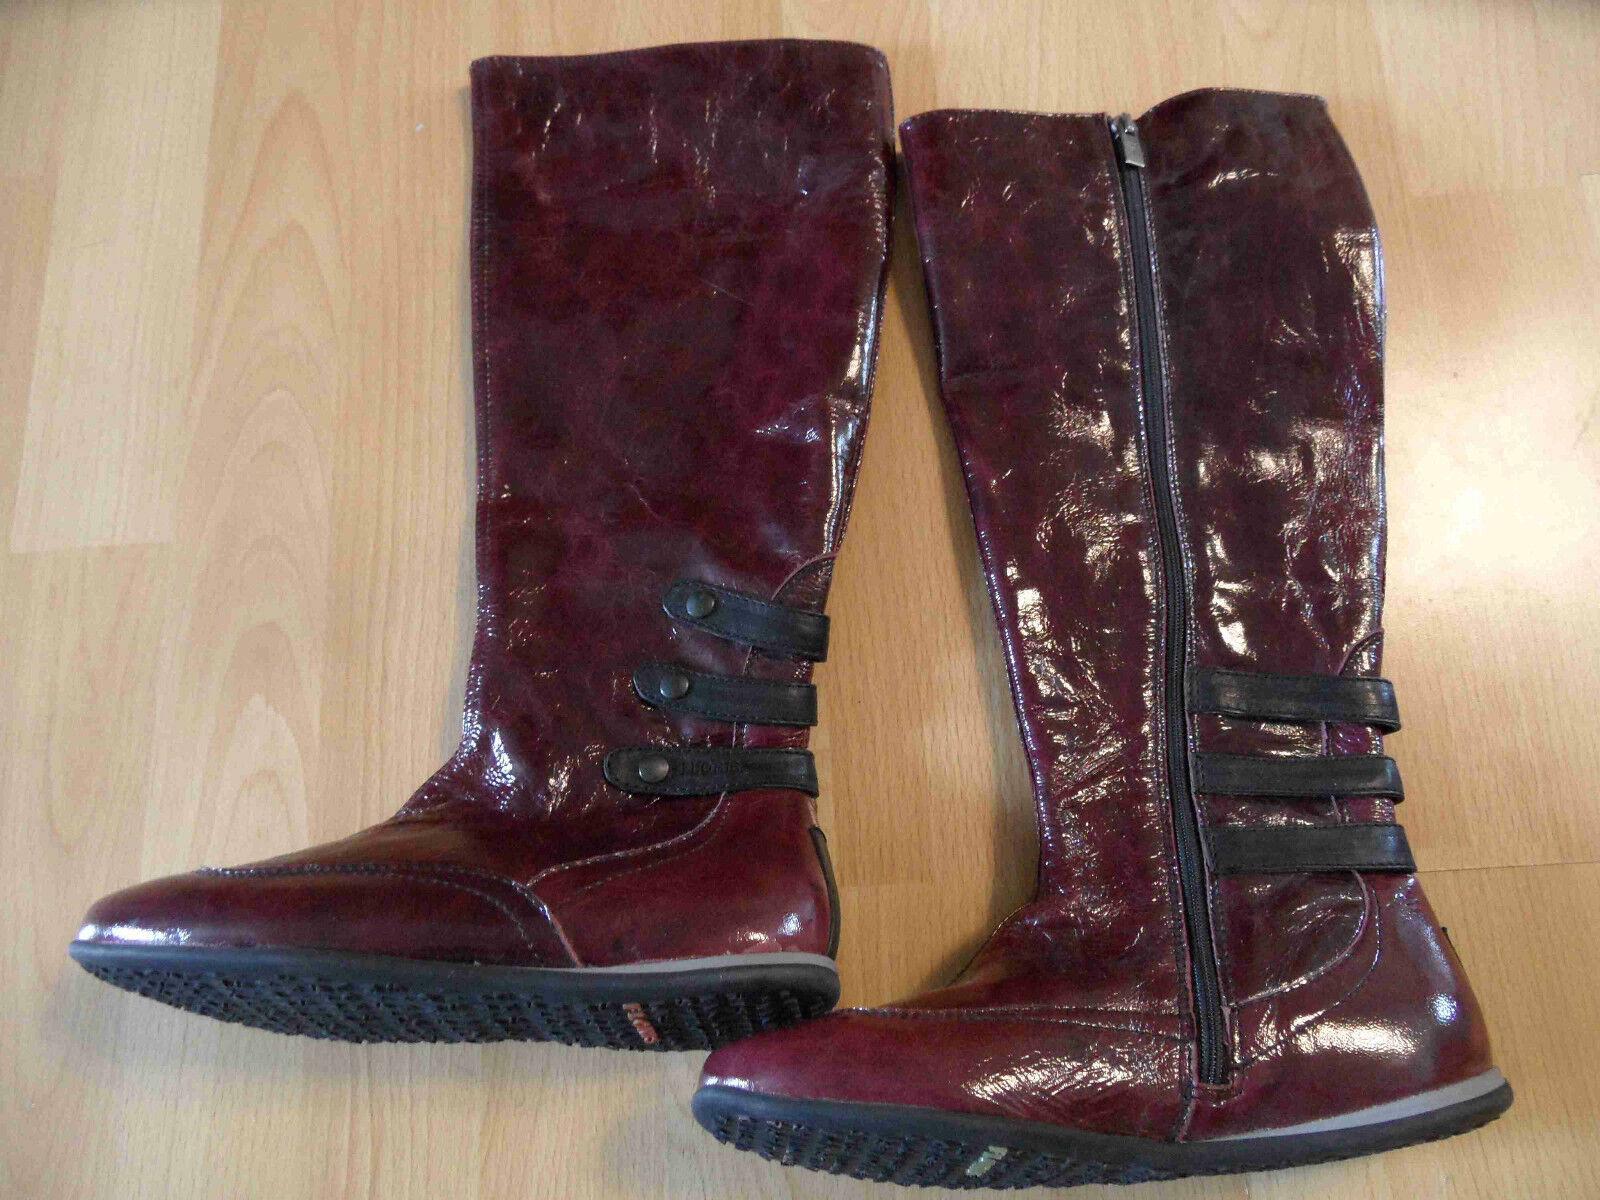 FLORIS VAN BOMMEL stylische flache Lackleder Stiefel bordeaux Gr. 37 TOP ZC616